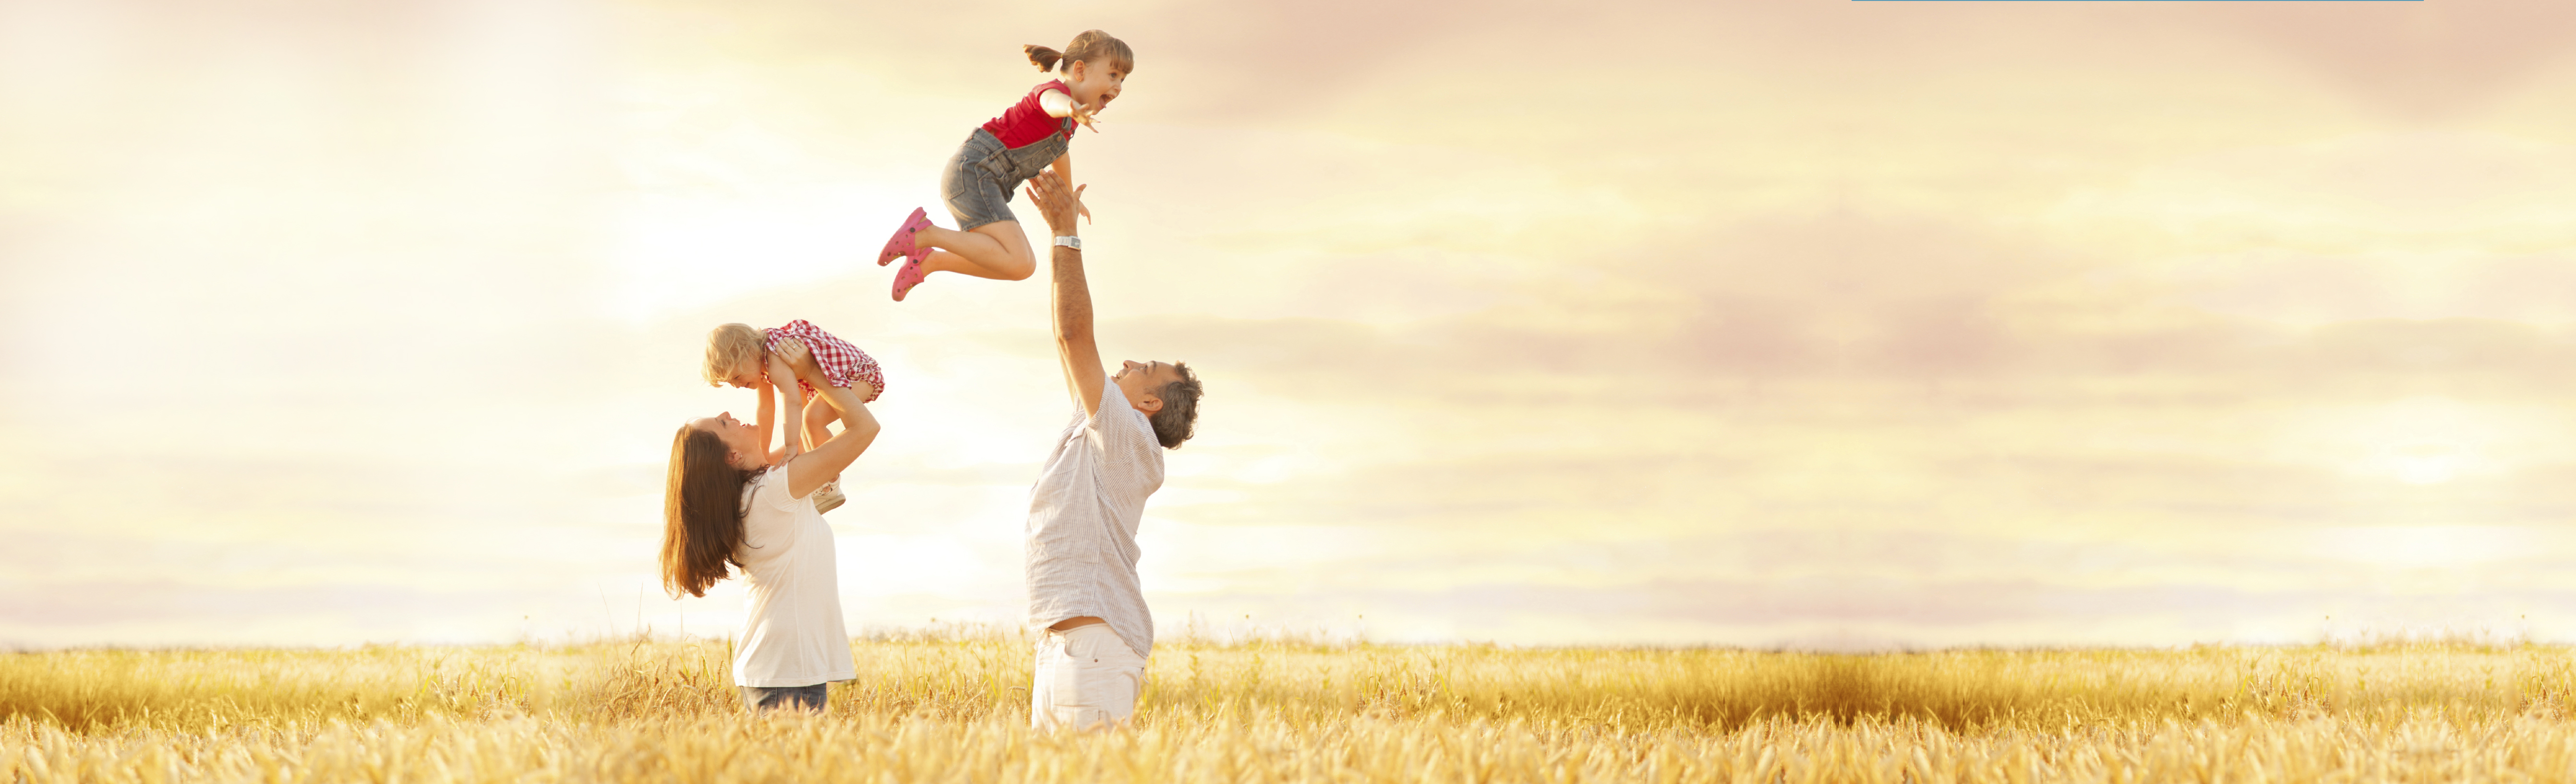 happyfamily copy